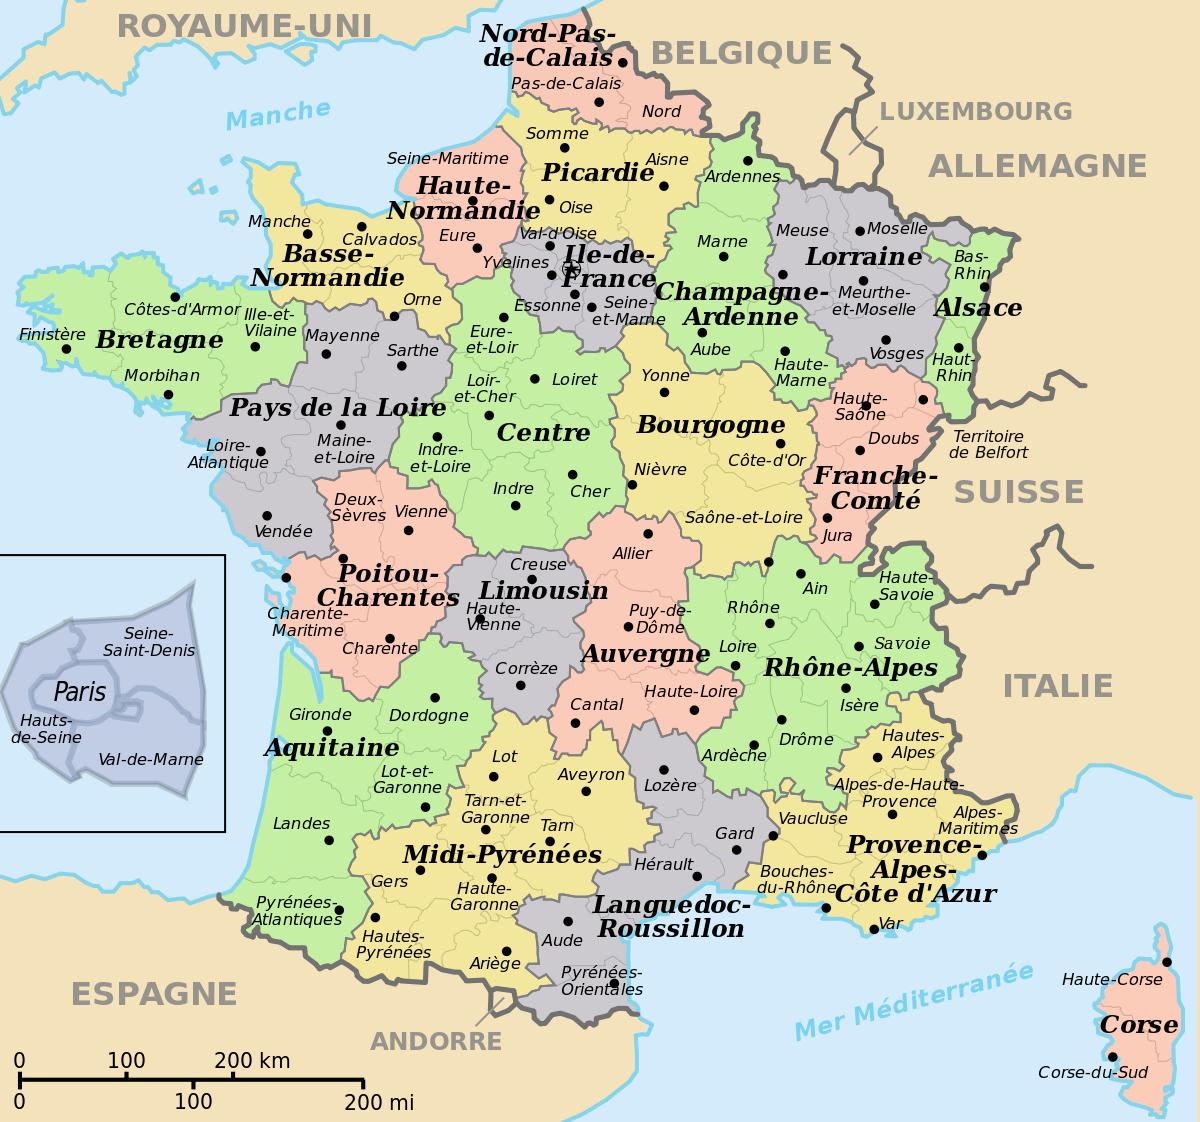 File:départements+Régions (France).svg - Wikimedia Commons concernant Carte Des Régions De La France